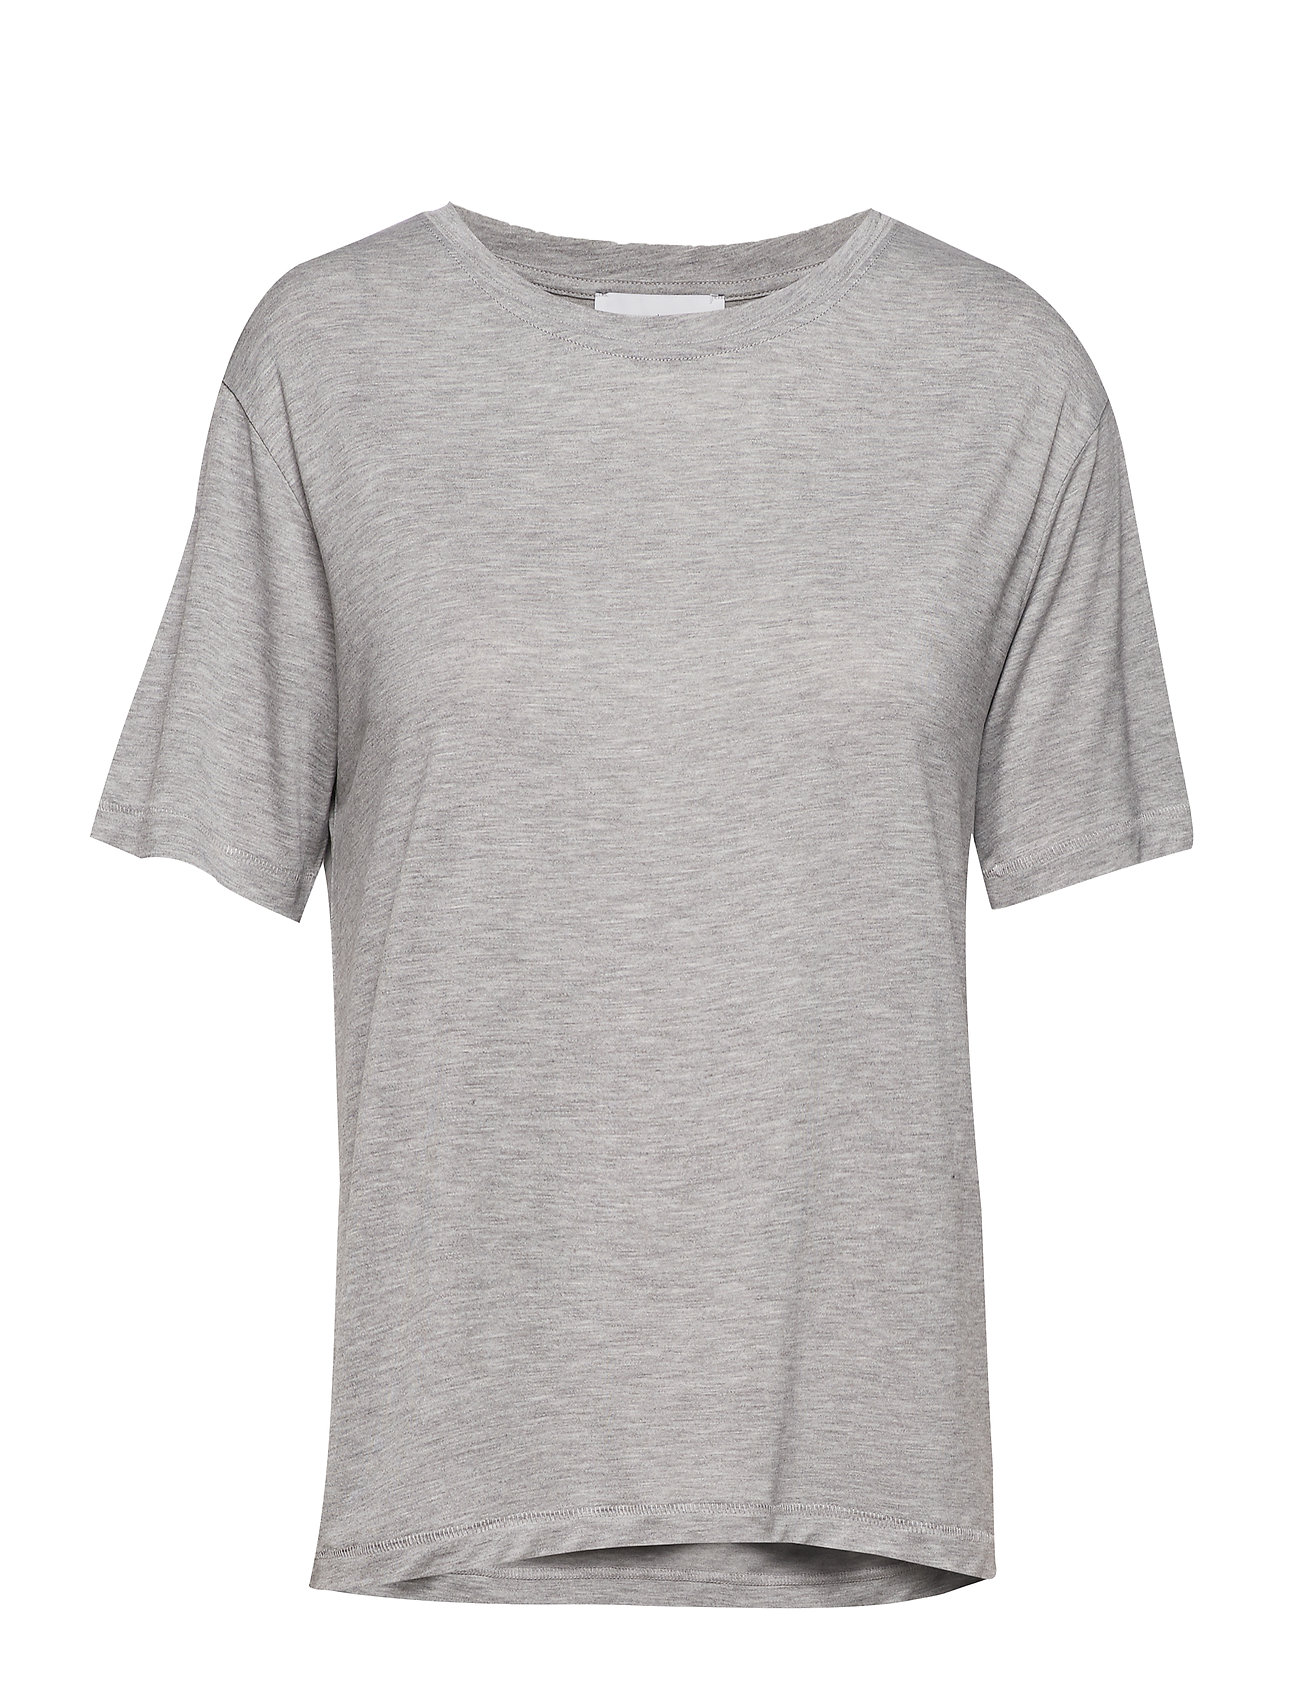 Uta Ss 10172 T shirt Top Grå Samsøe & Samsøe